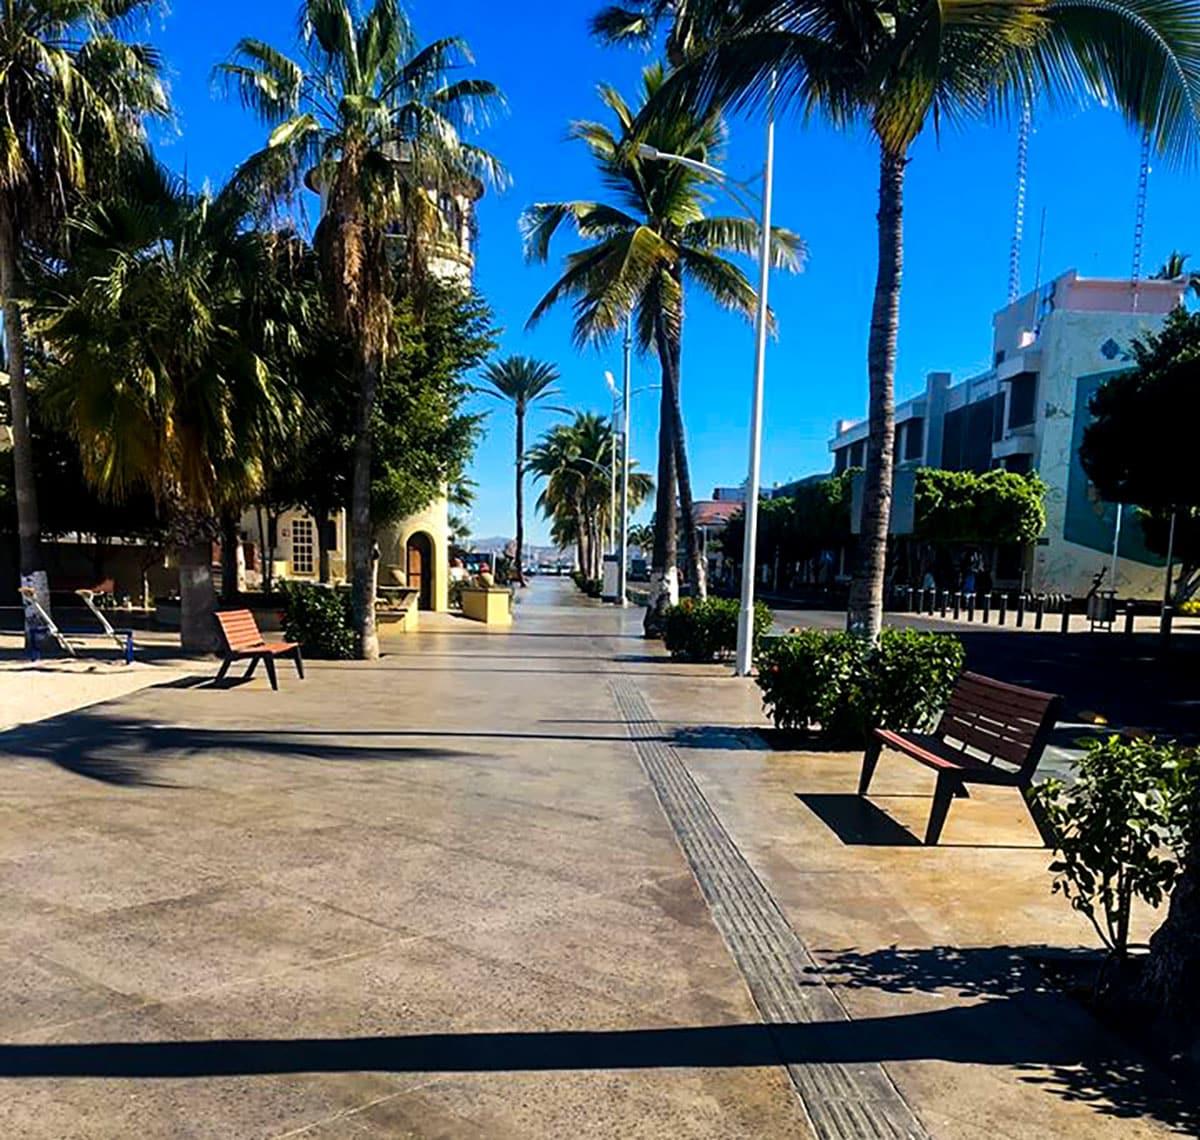 La Paz Spring break